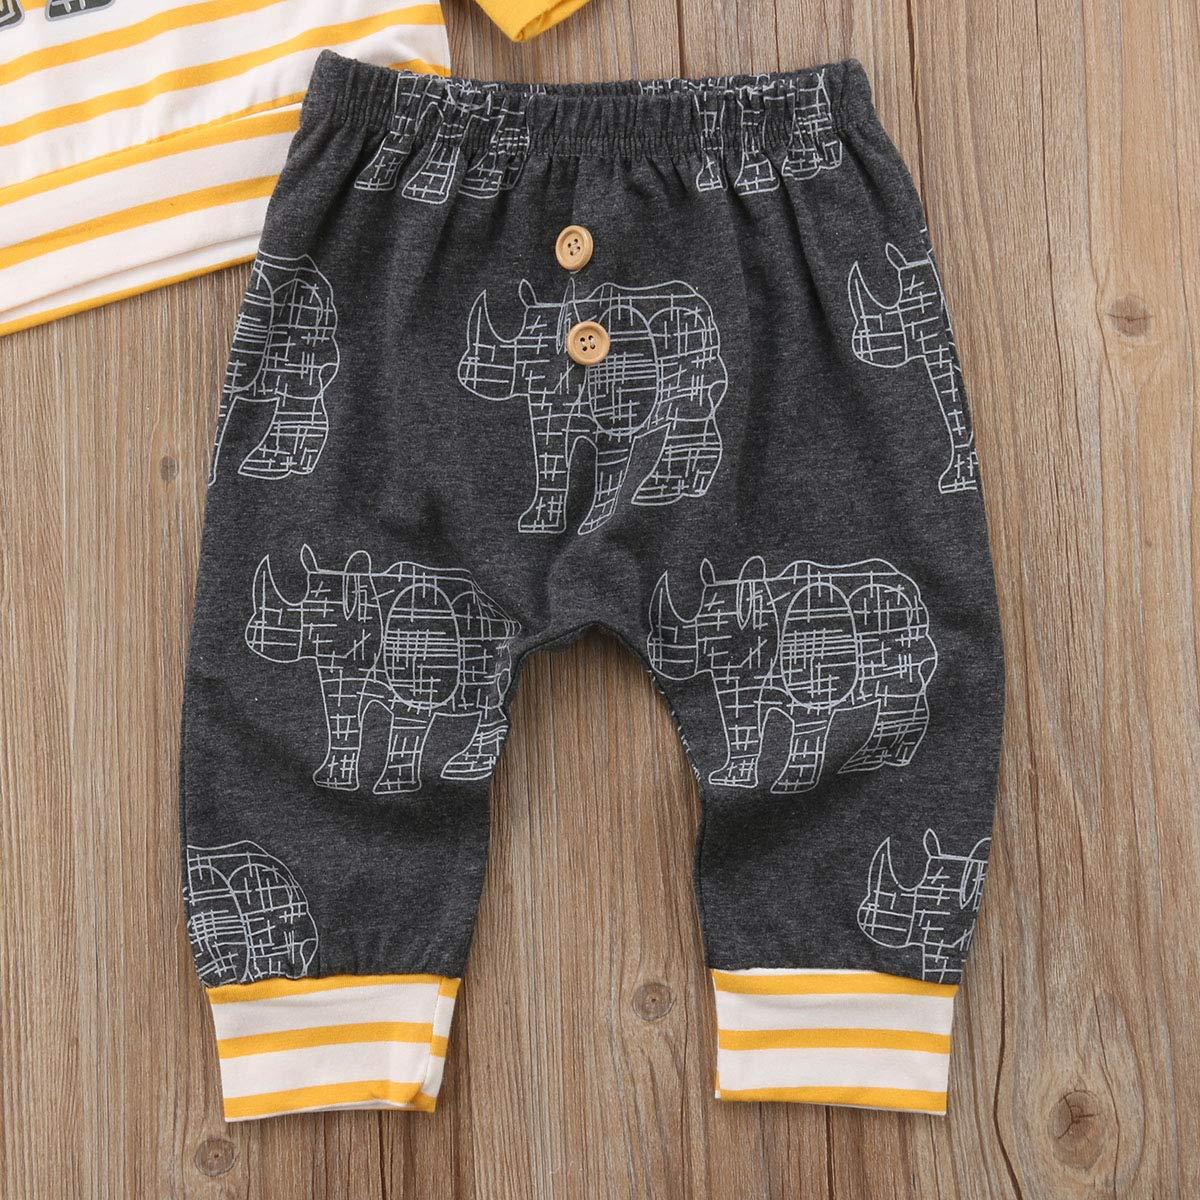 Amazon.com: Conjunto de ropa para bebés y niños de 2 piezas ...